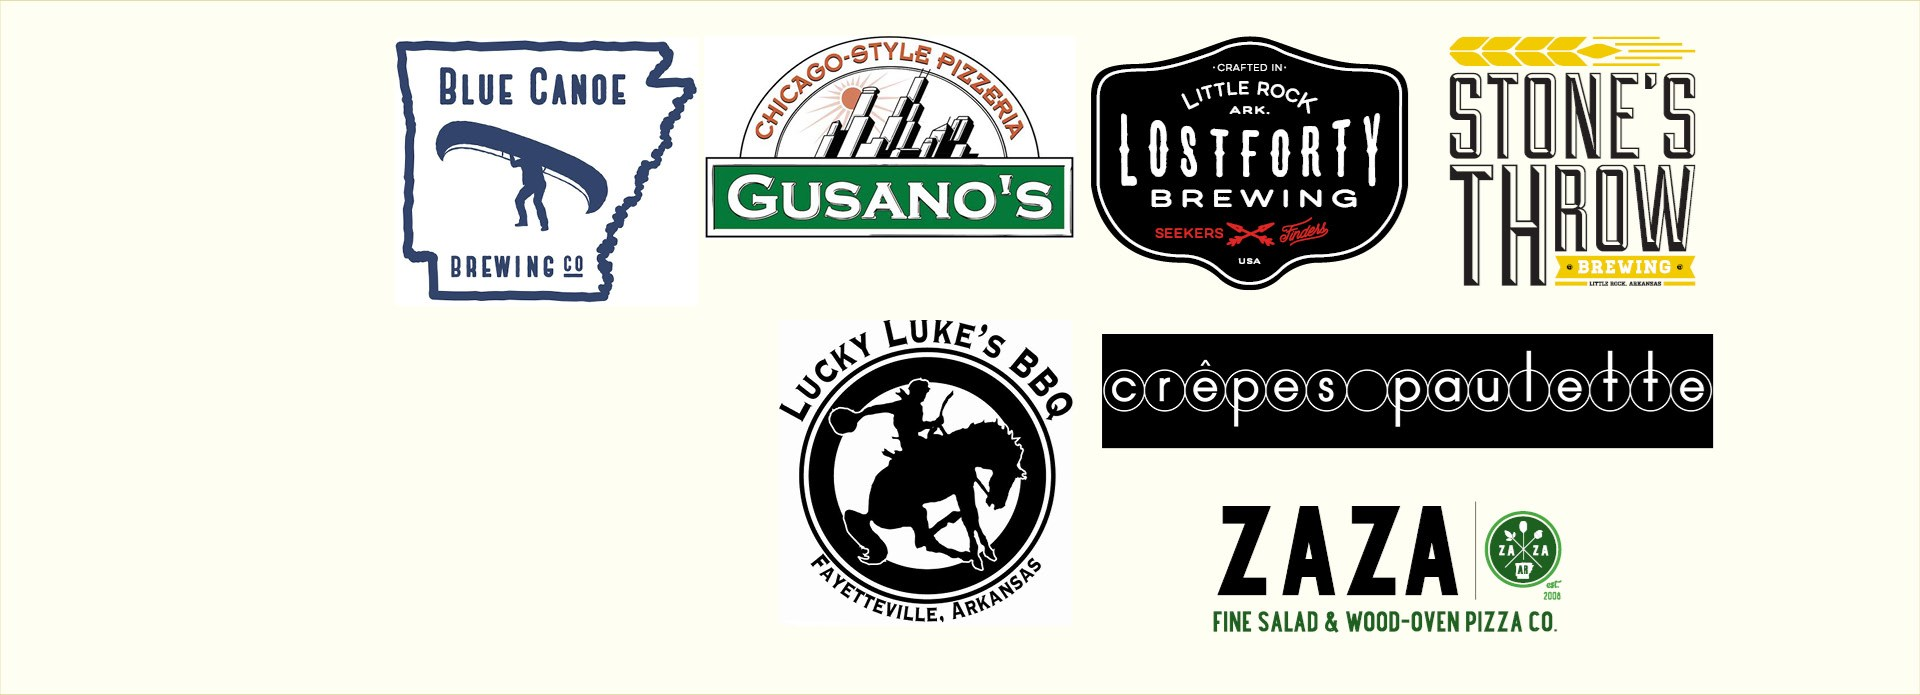 Restaurant Logos - Giving Day 2018 v5